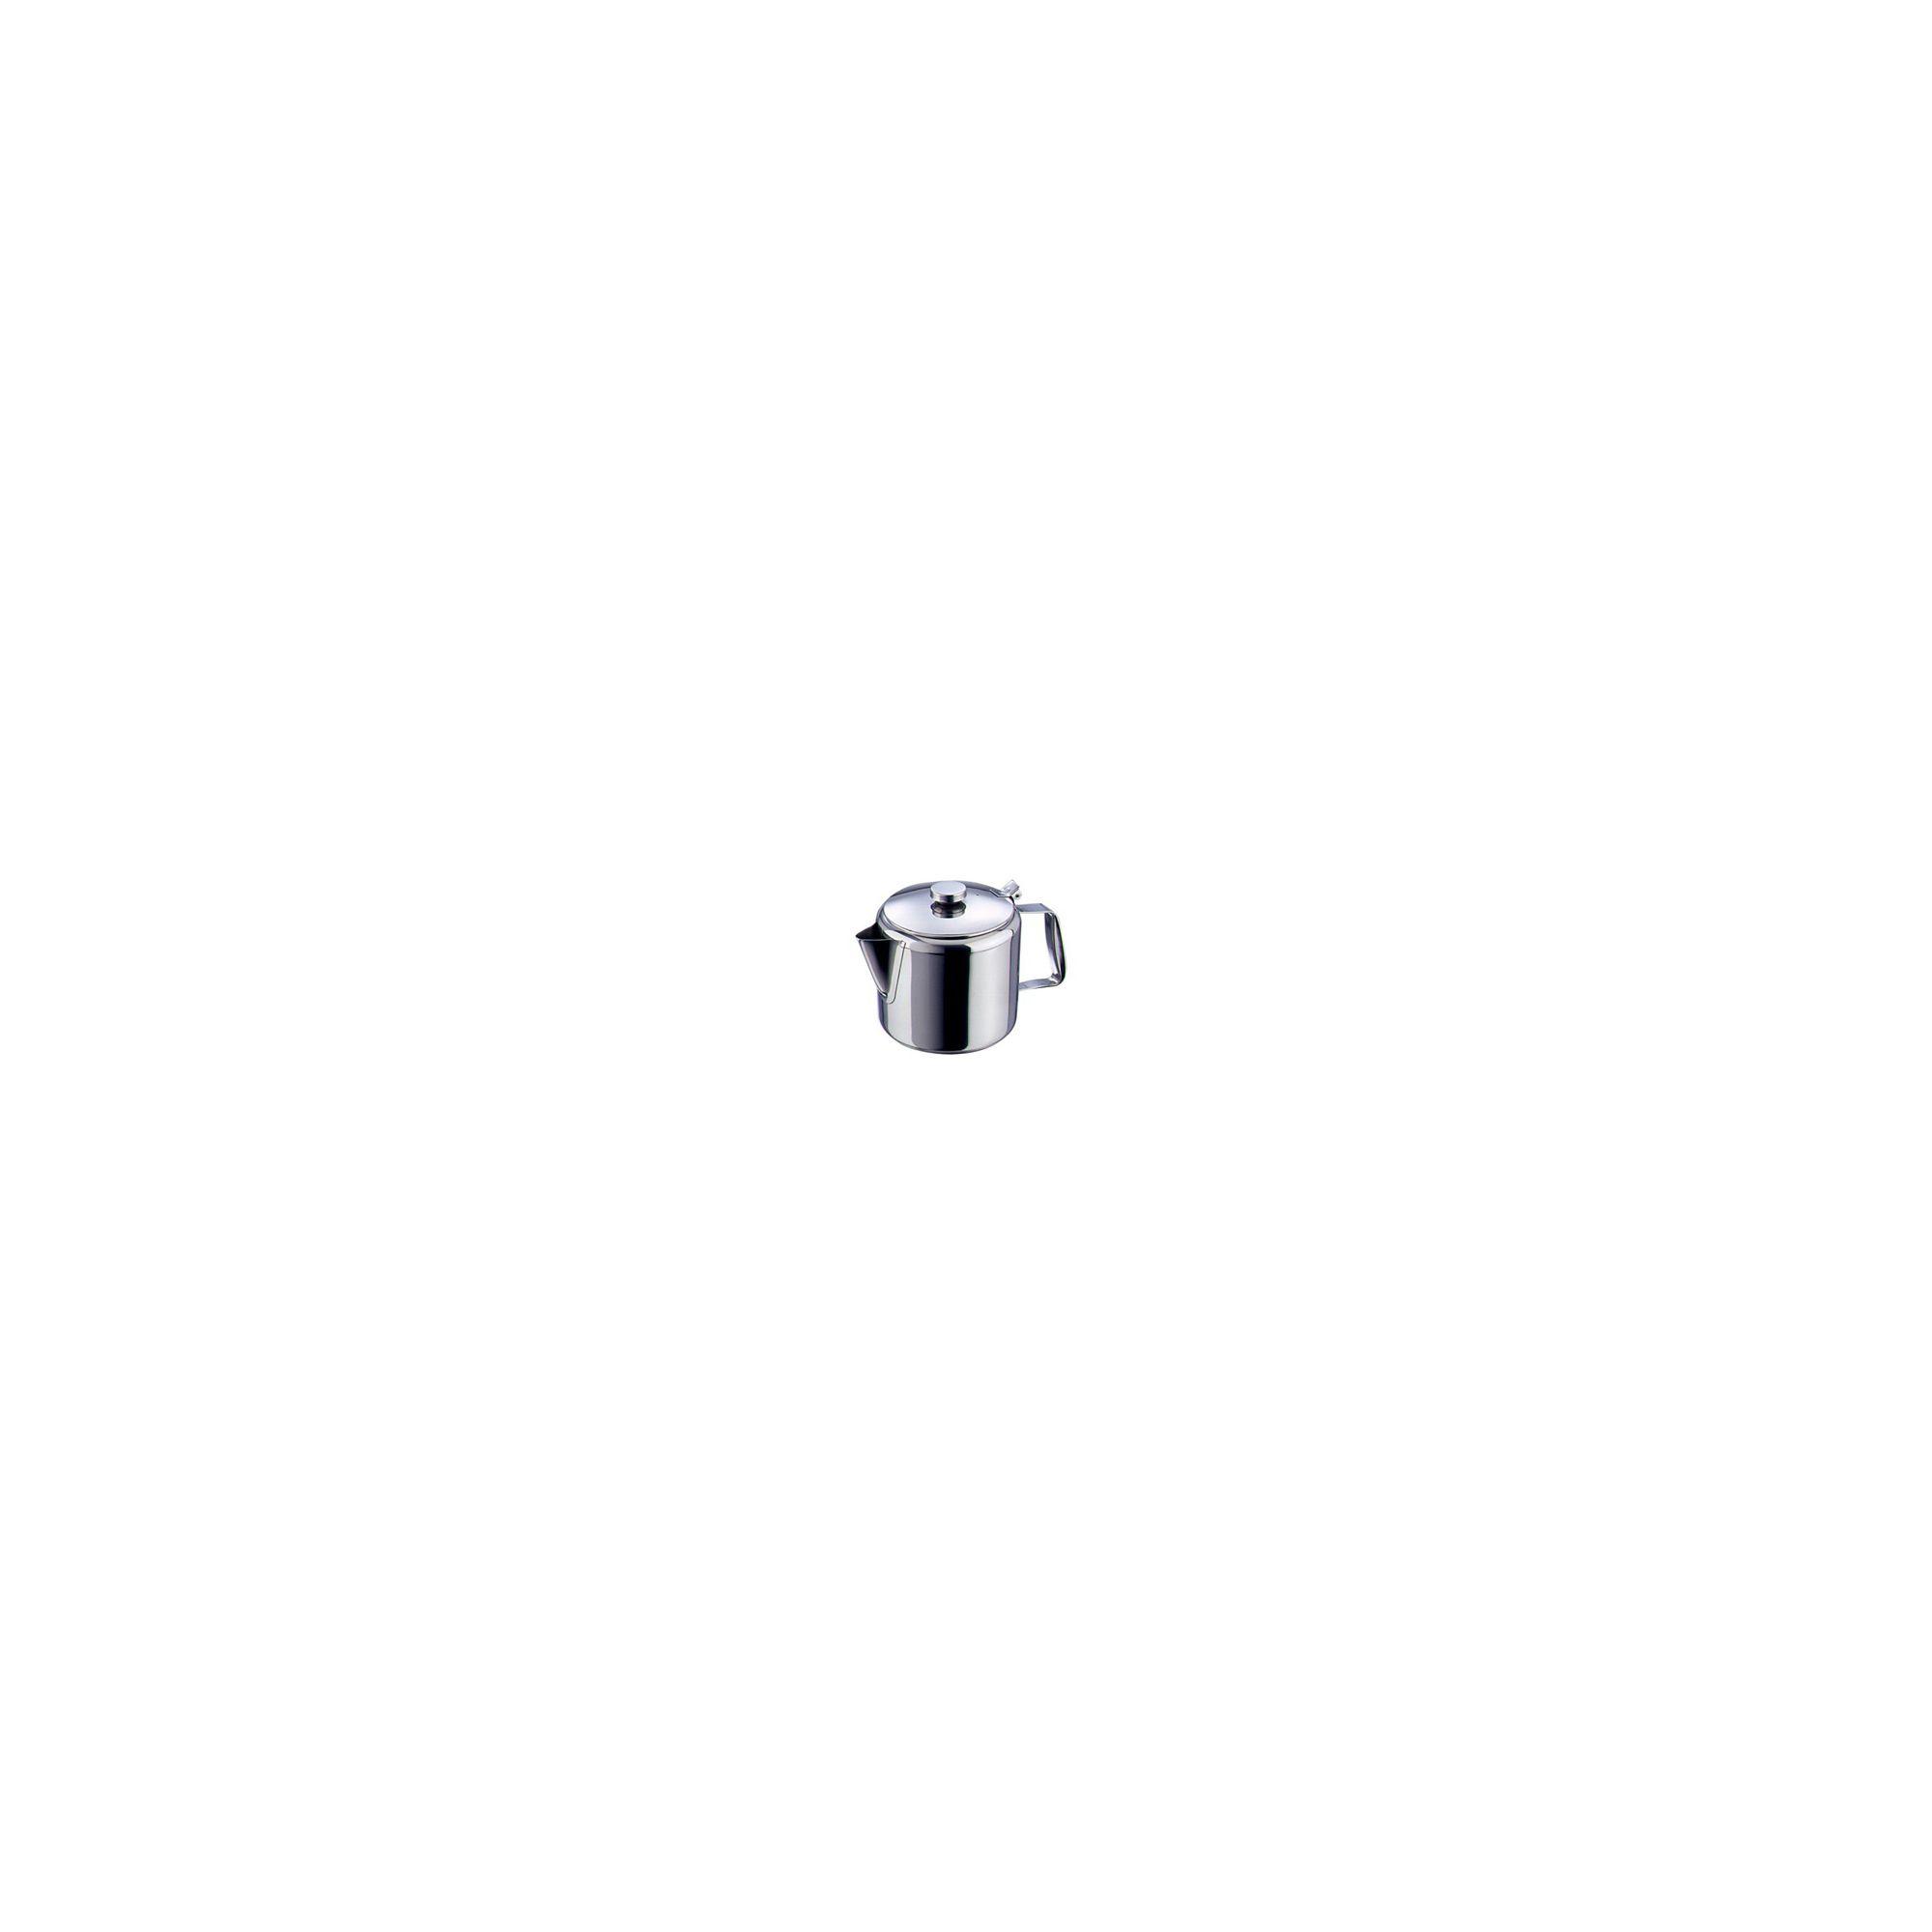 Zodiac 11130 Sunnex Teapot S/S 16Oz